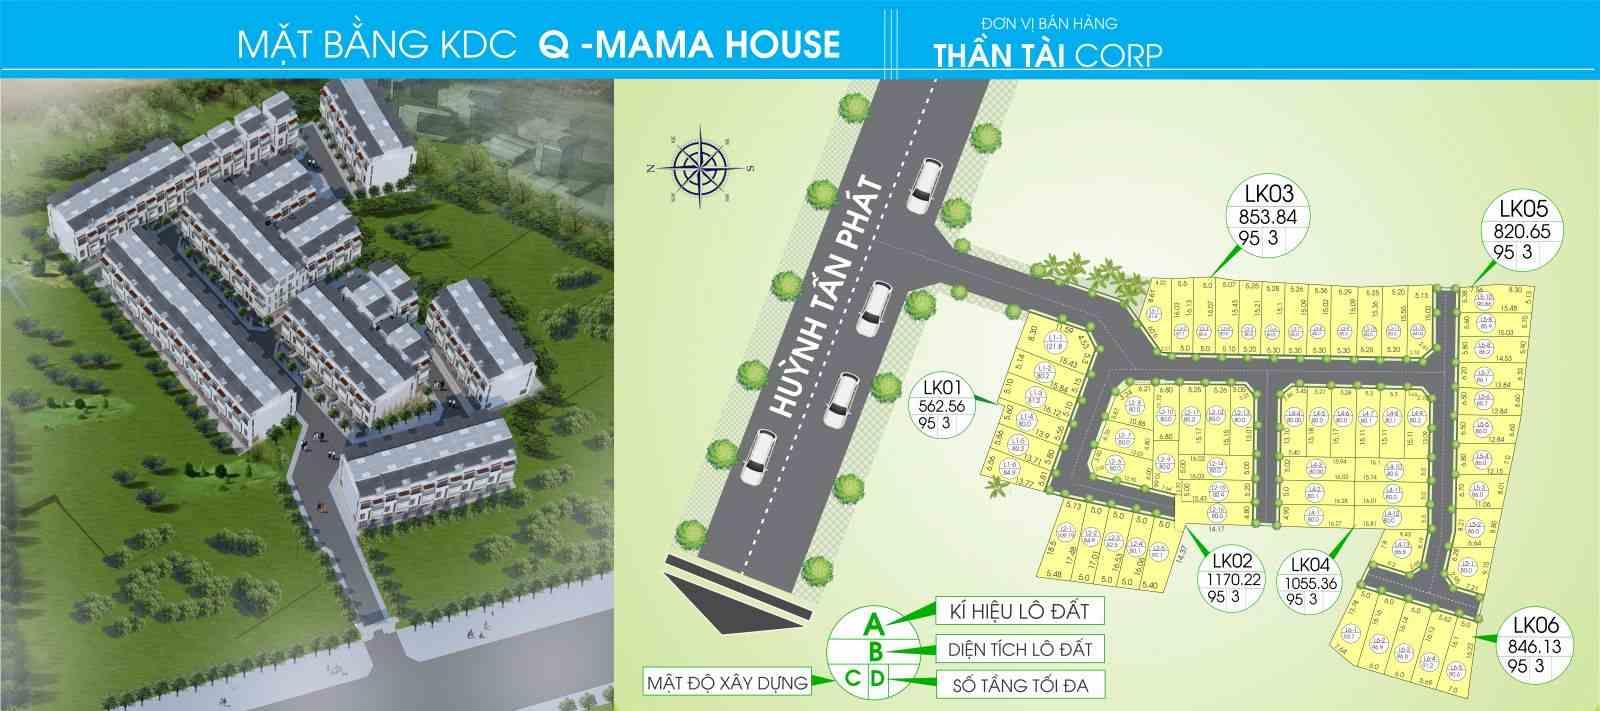 Q-Mama House Huỳnh Tấn Phát Nhà Bè - mặt bằng vs vị trí dự án